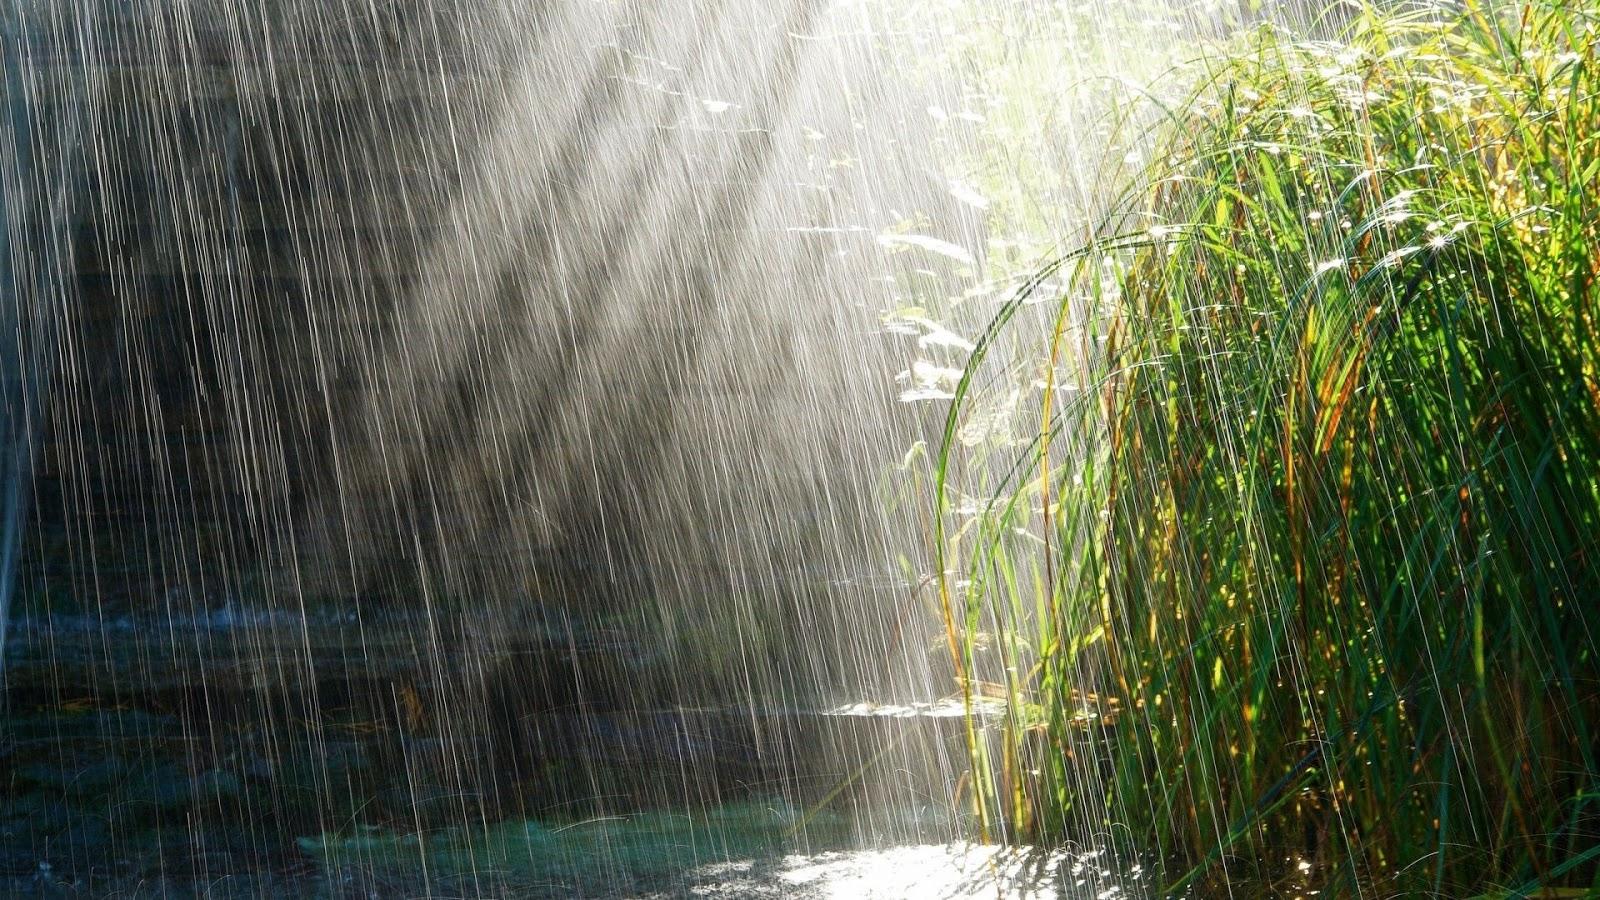 Bộ hình nền máy tính về mưa tuyệt đẹp đầy huyền ảo